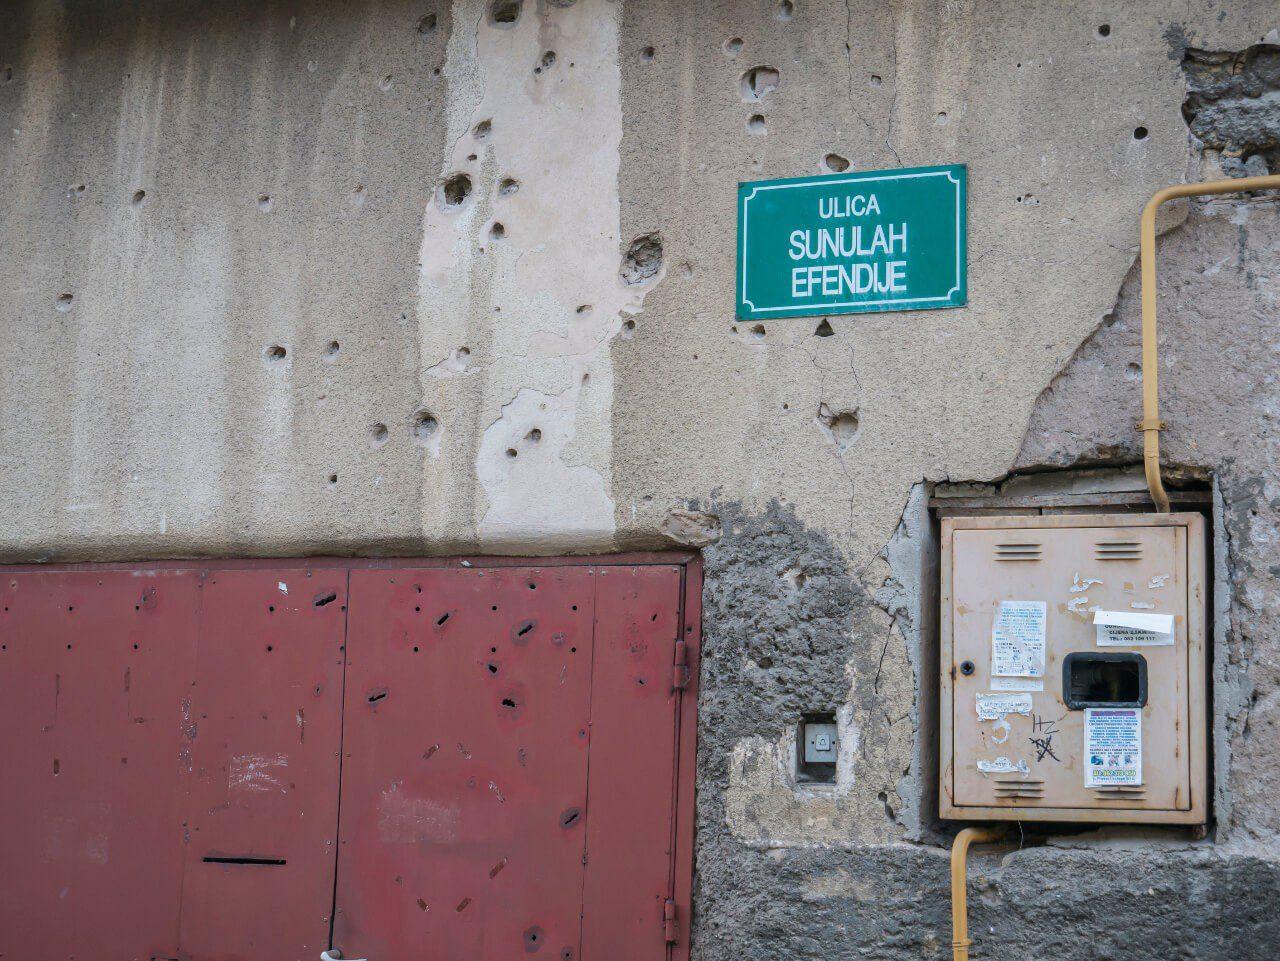 Ślady po kulach i wybuchach na ulicy Sunulah Efendije w Sarajewie